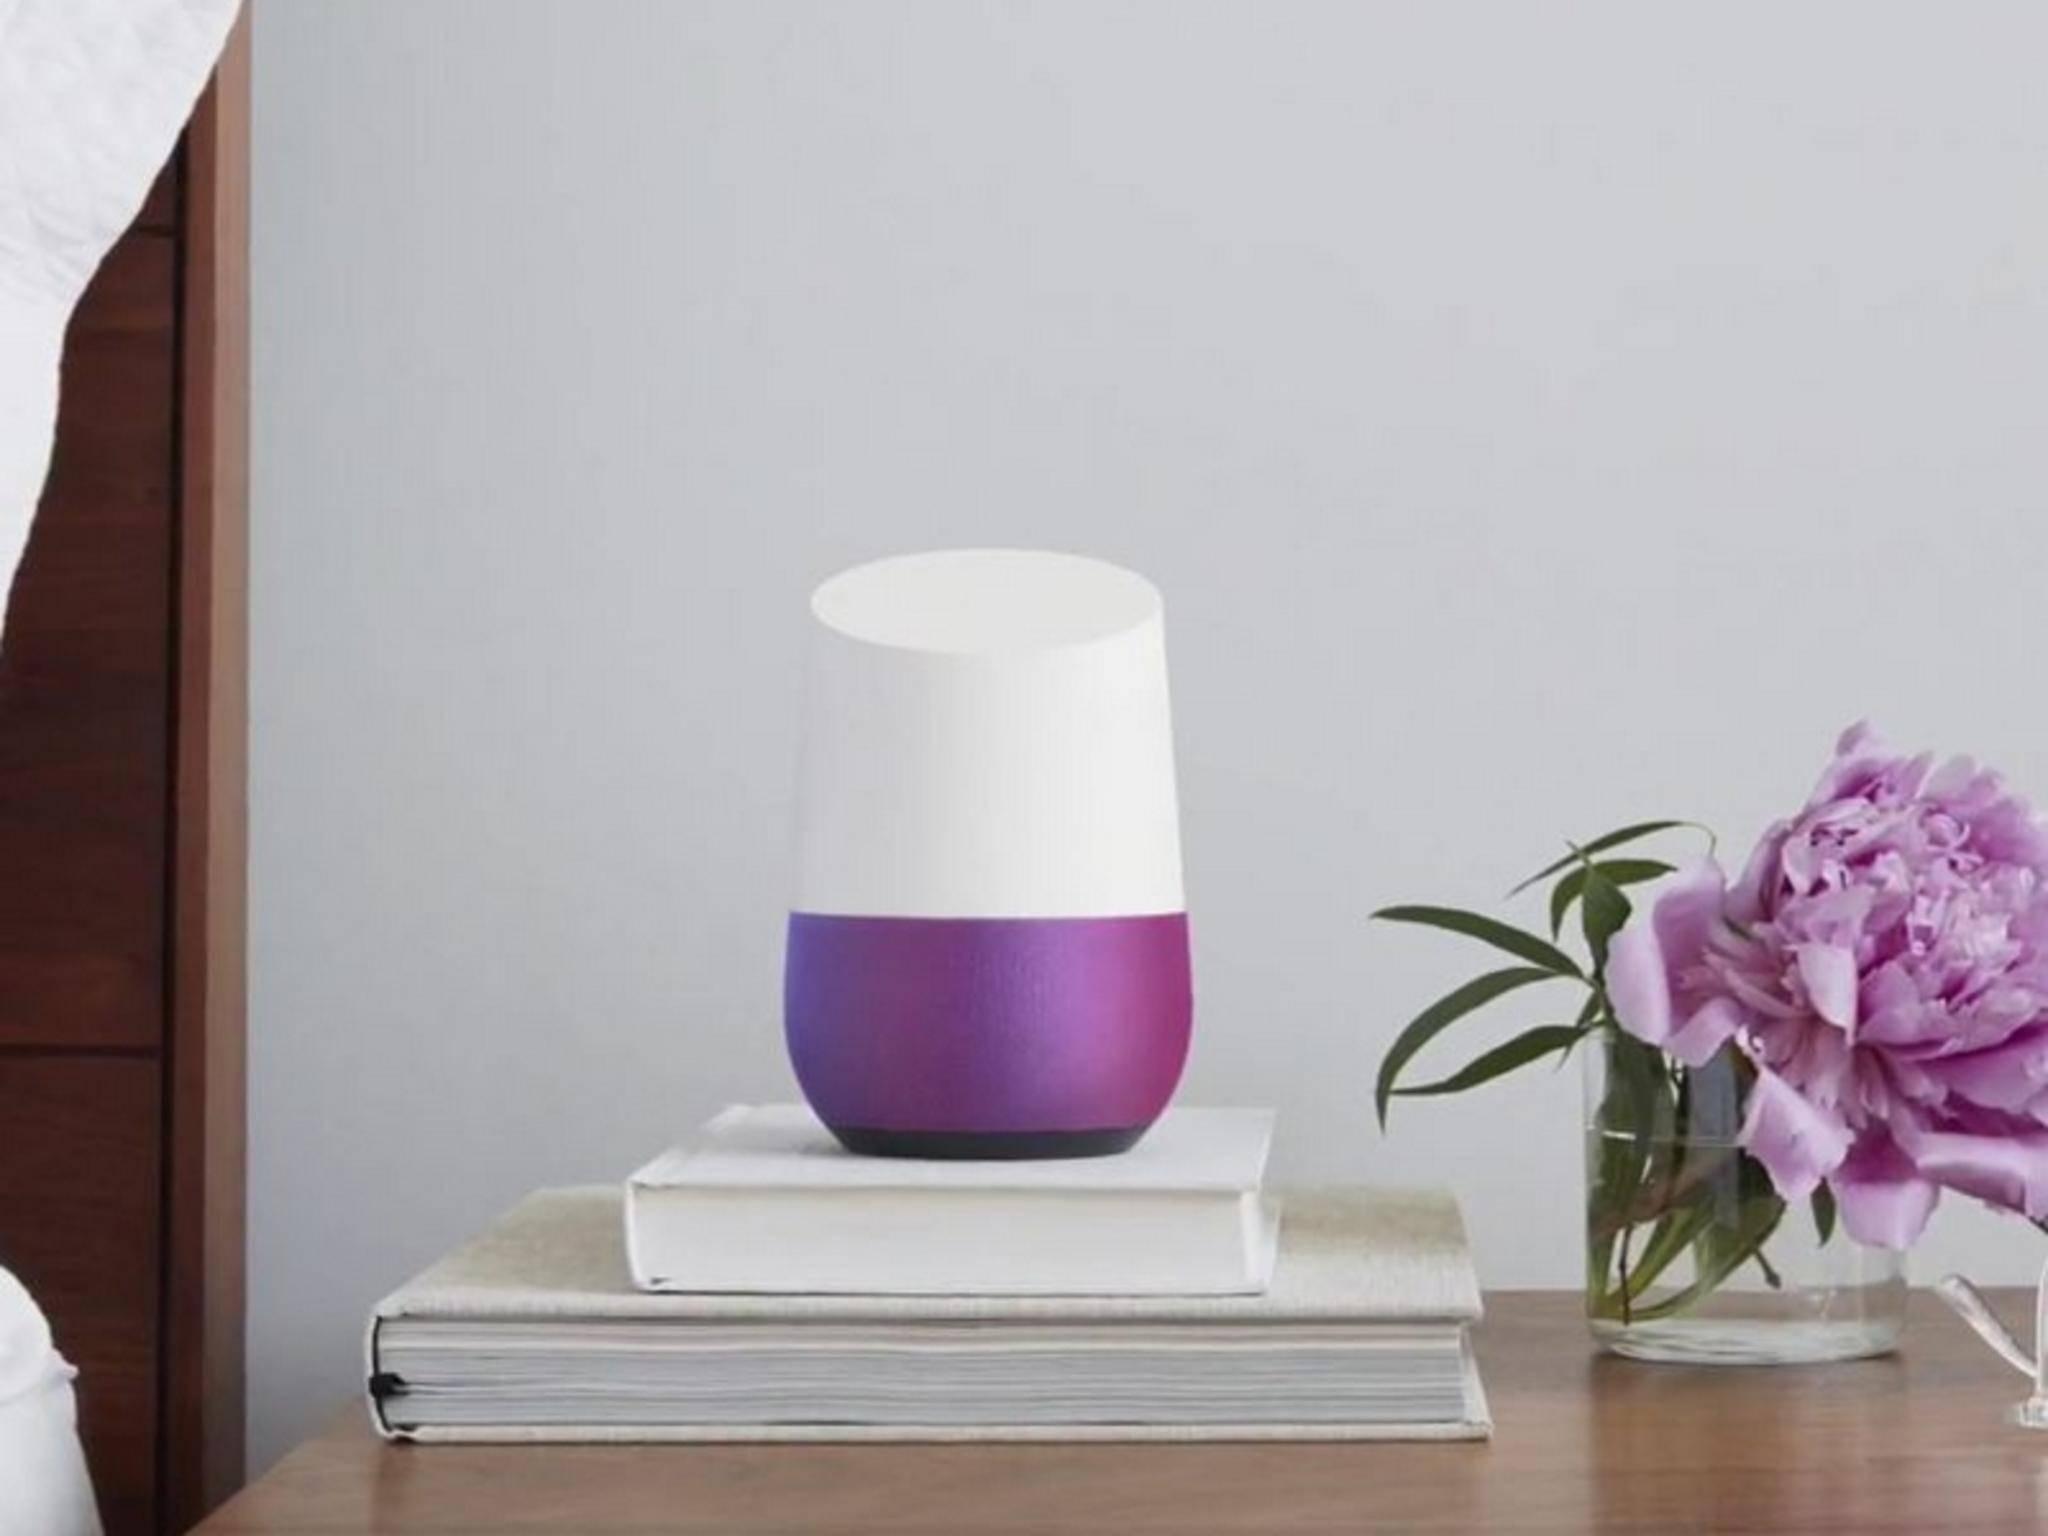 Google Home könnte Amazon Echo den Rang ablaufen